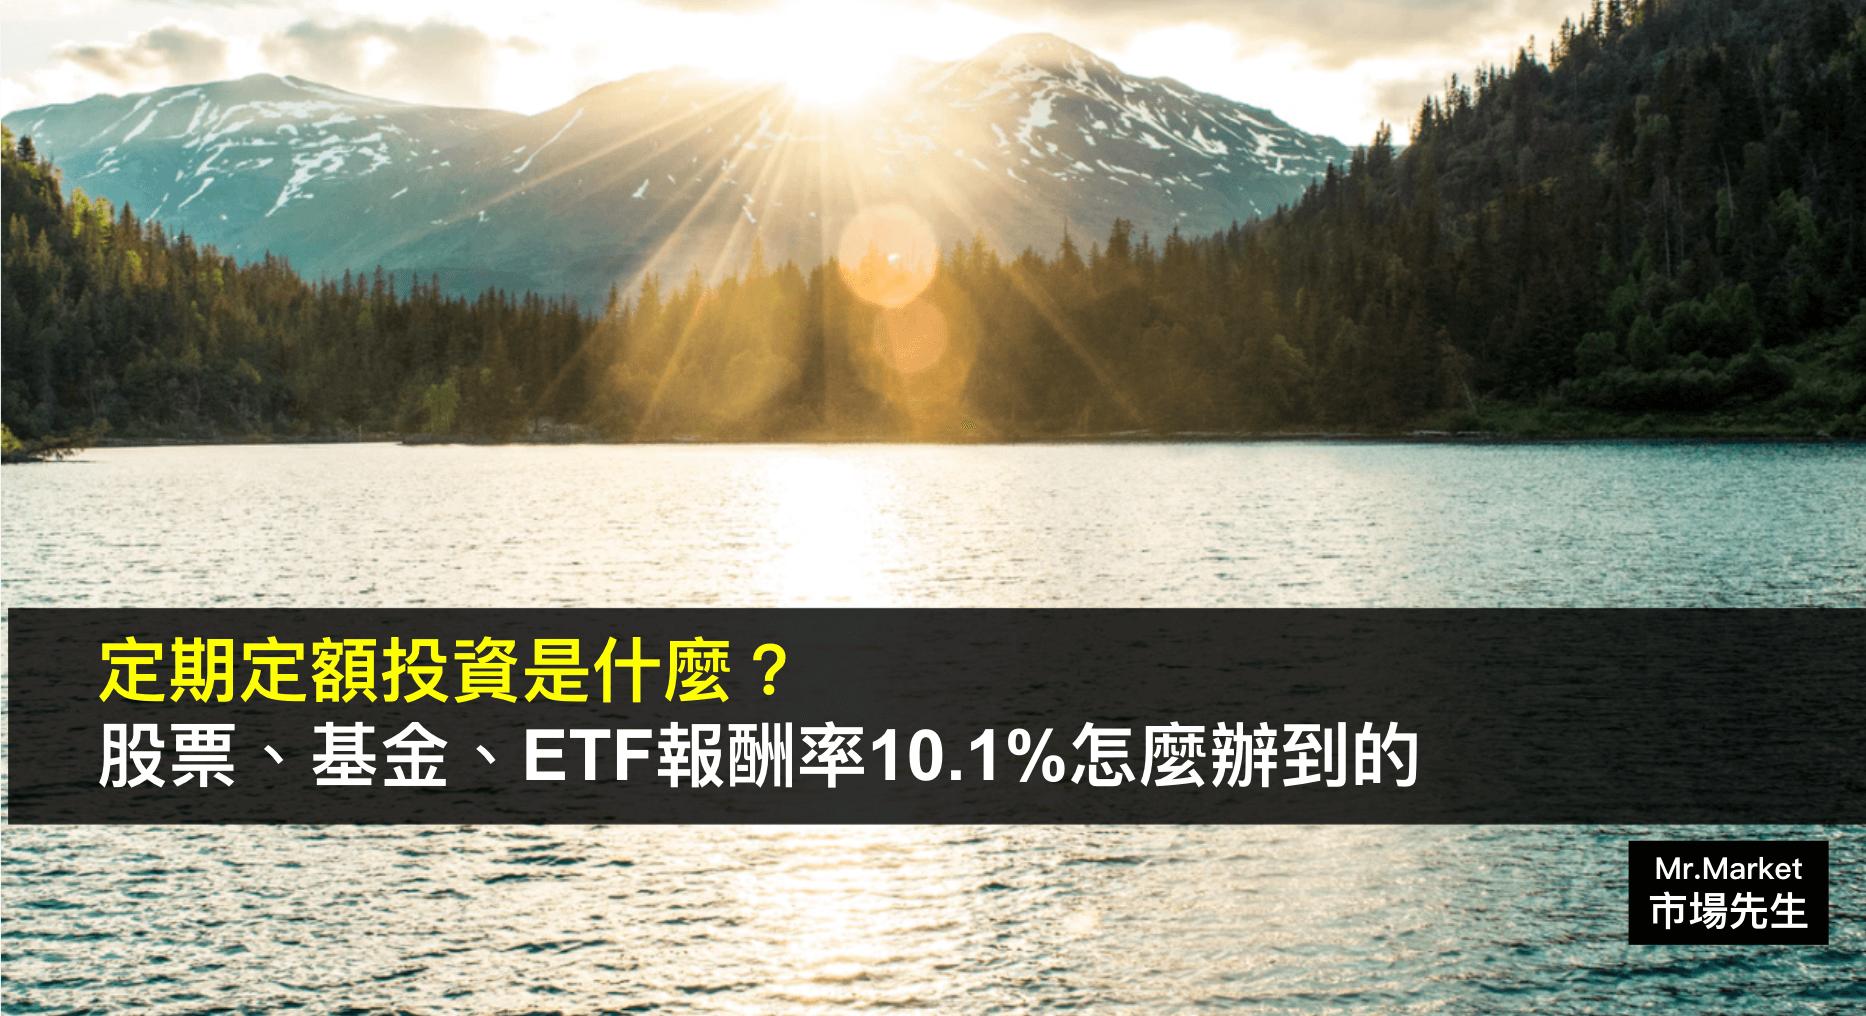 定期定額投資是什麼?股票、基金、ETF報酬率10.1%怎麼辦到的(內附0050定期定額績效統計 與複利計算表 )